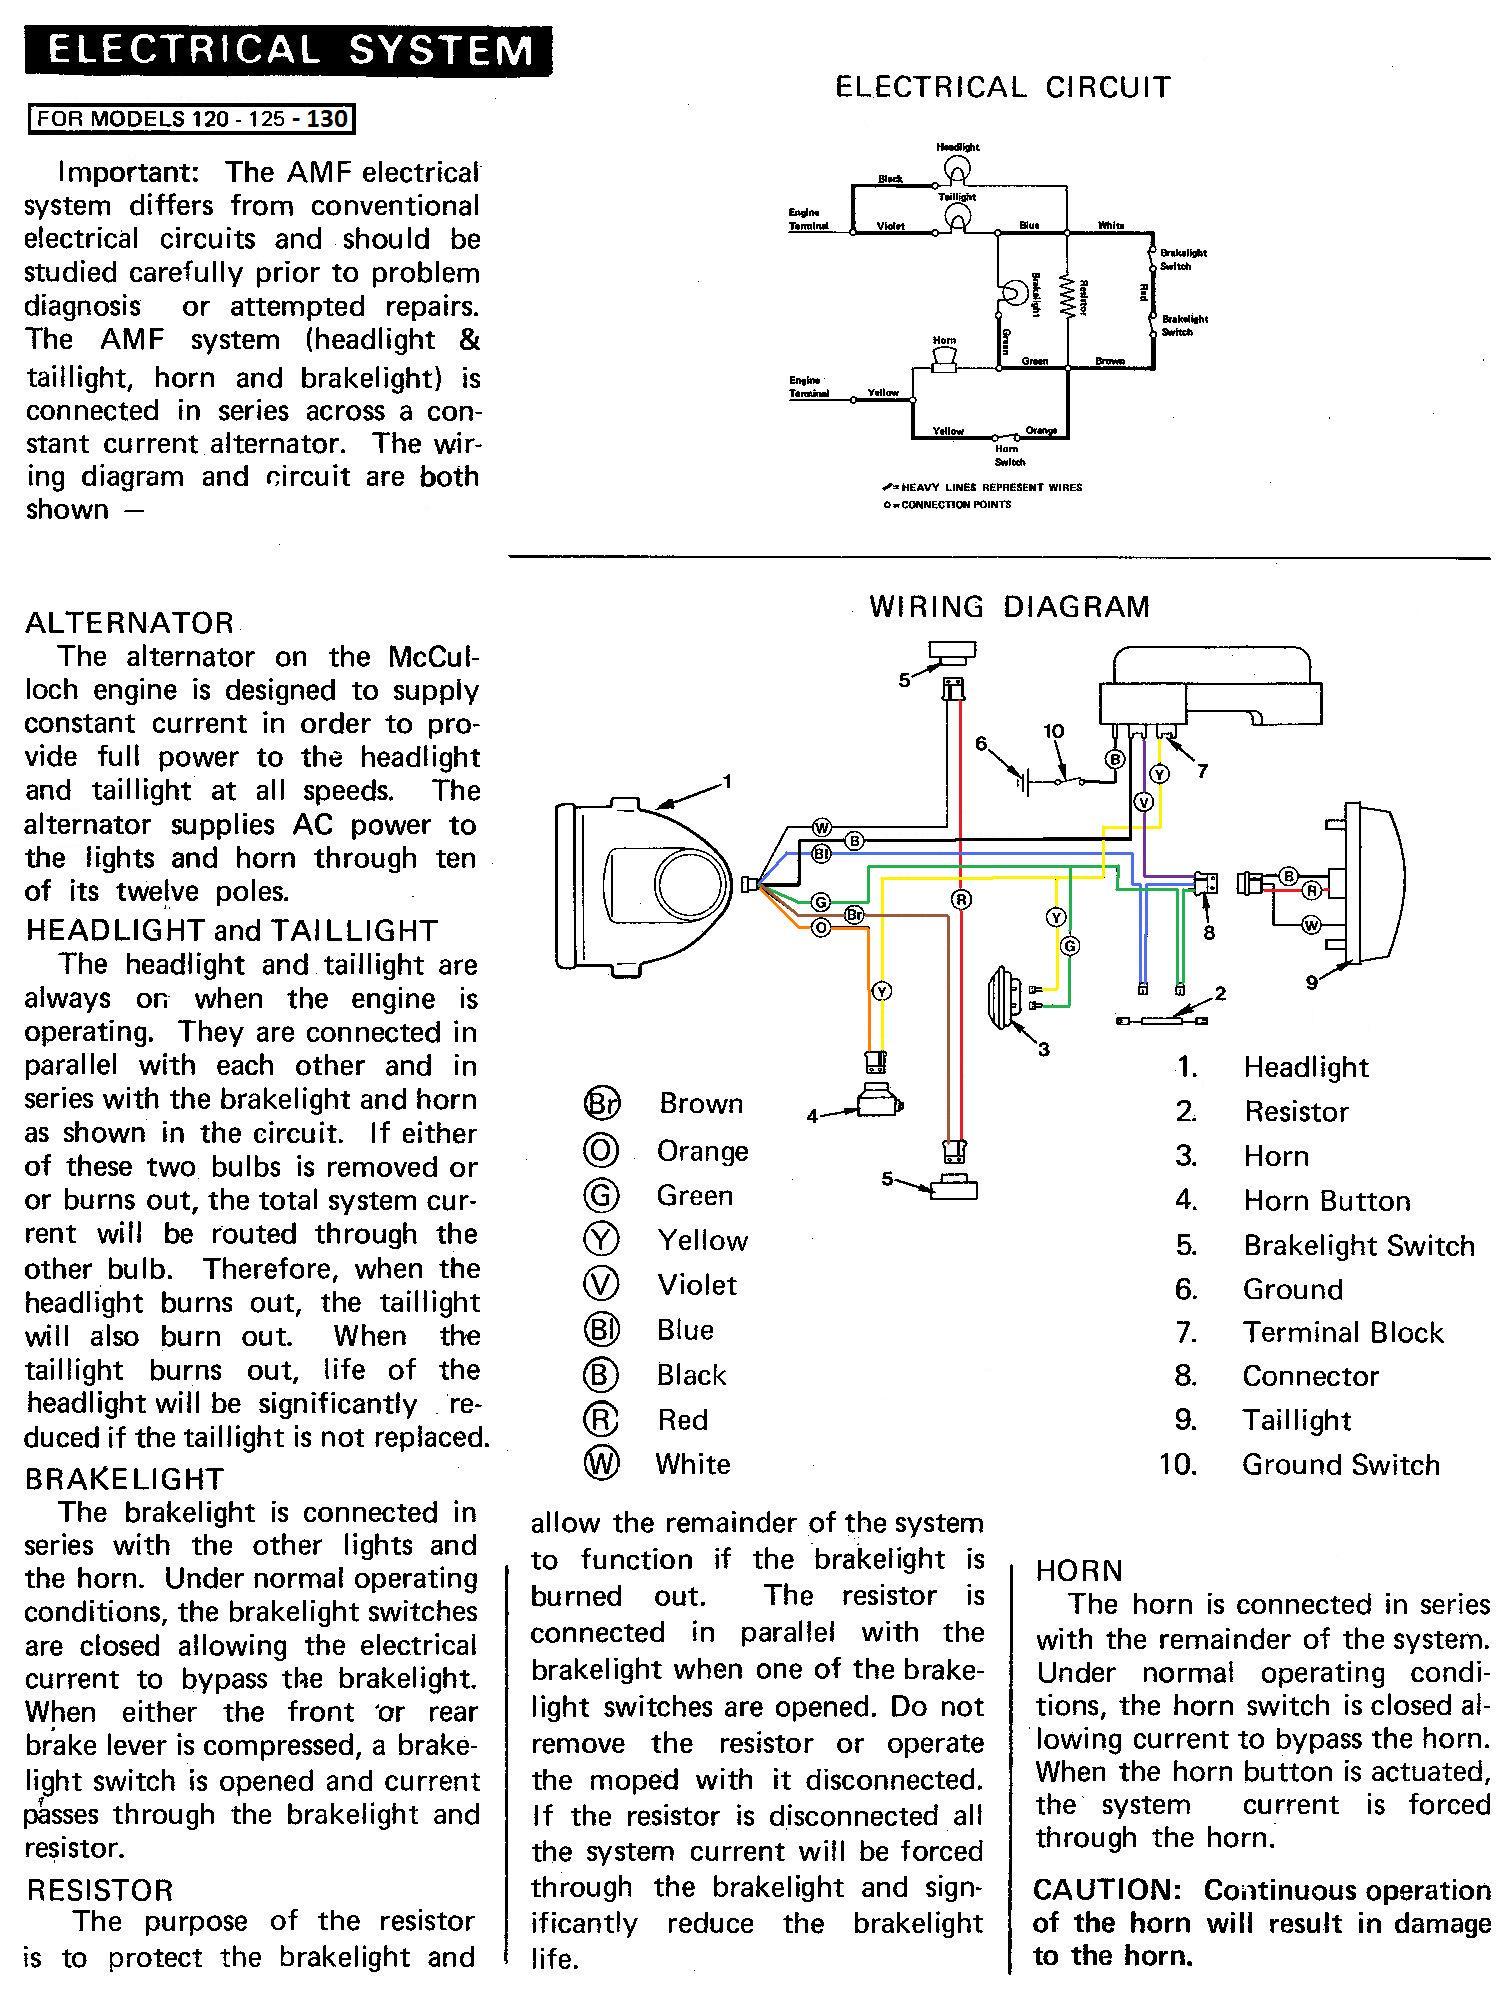 WX_1285] Whizzer Wiring Diagram Wiring Diagram | Whizzer Wiring Diagram |  | Unec Umng Bepta Mohammedshrine Librar Wiring 101